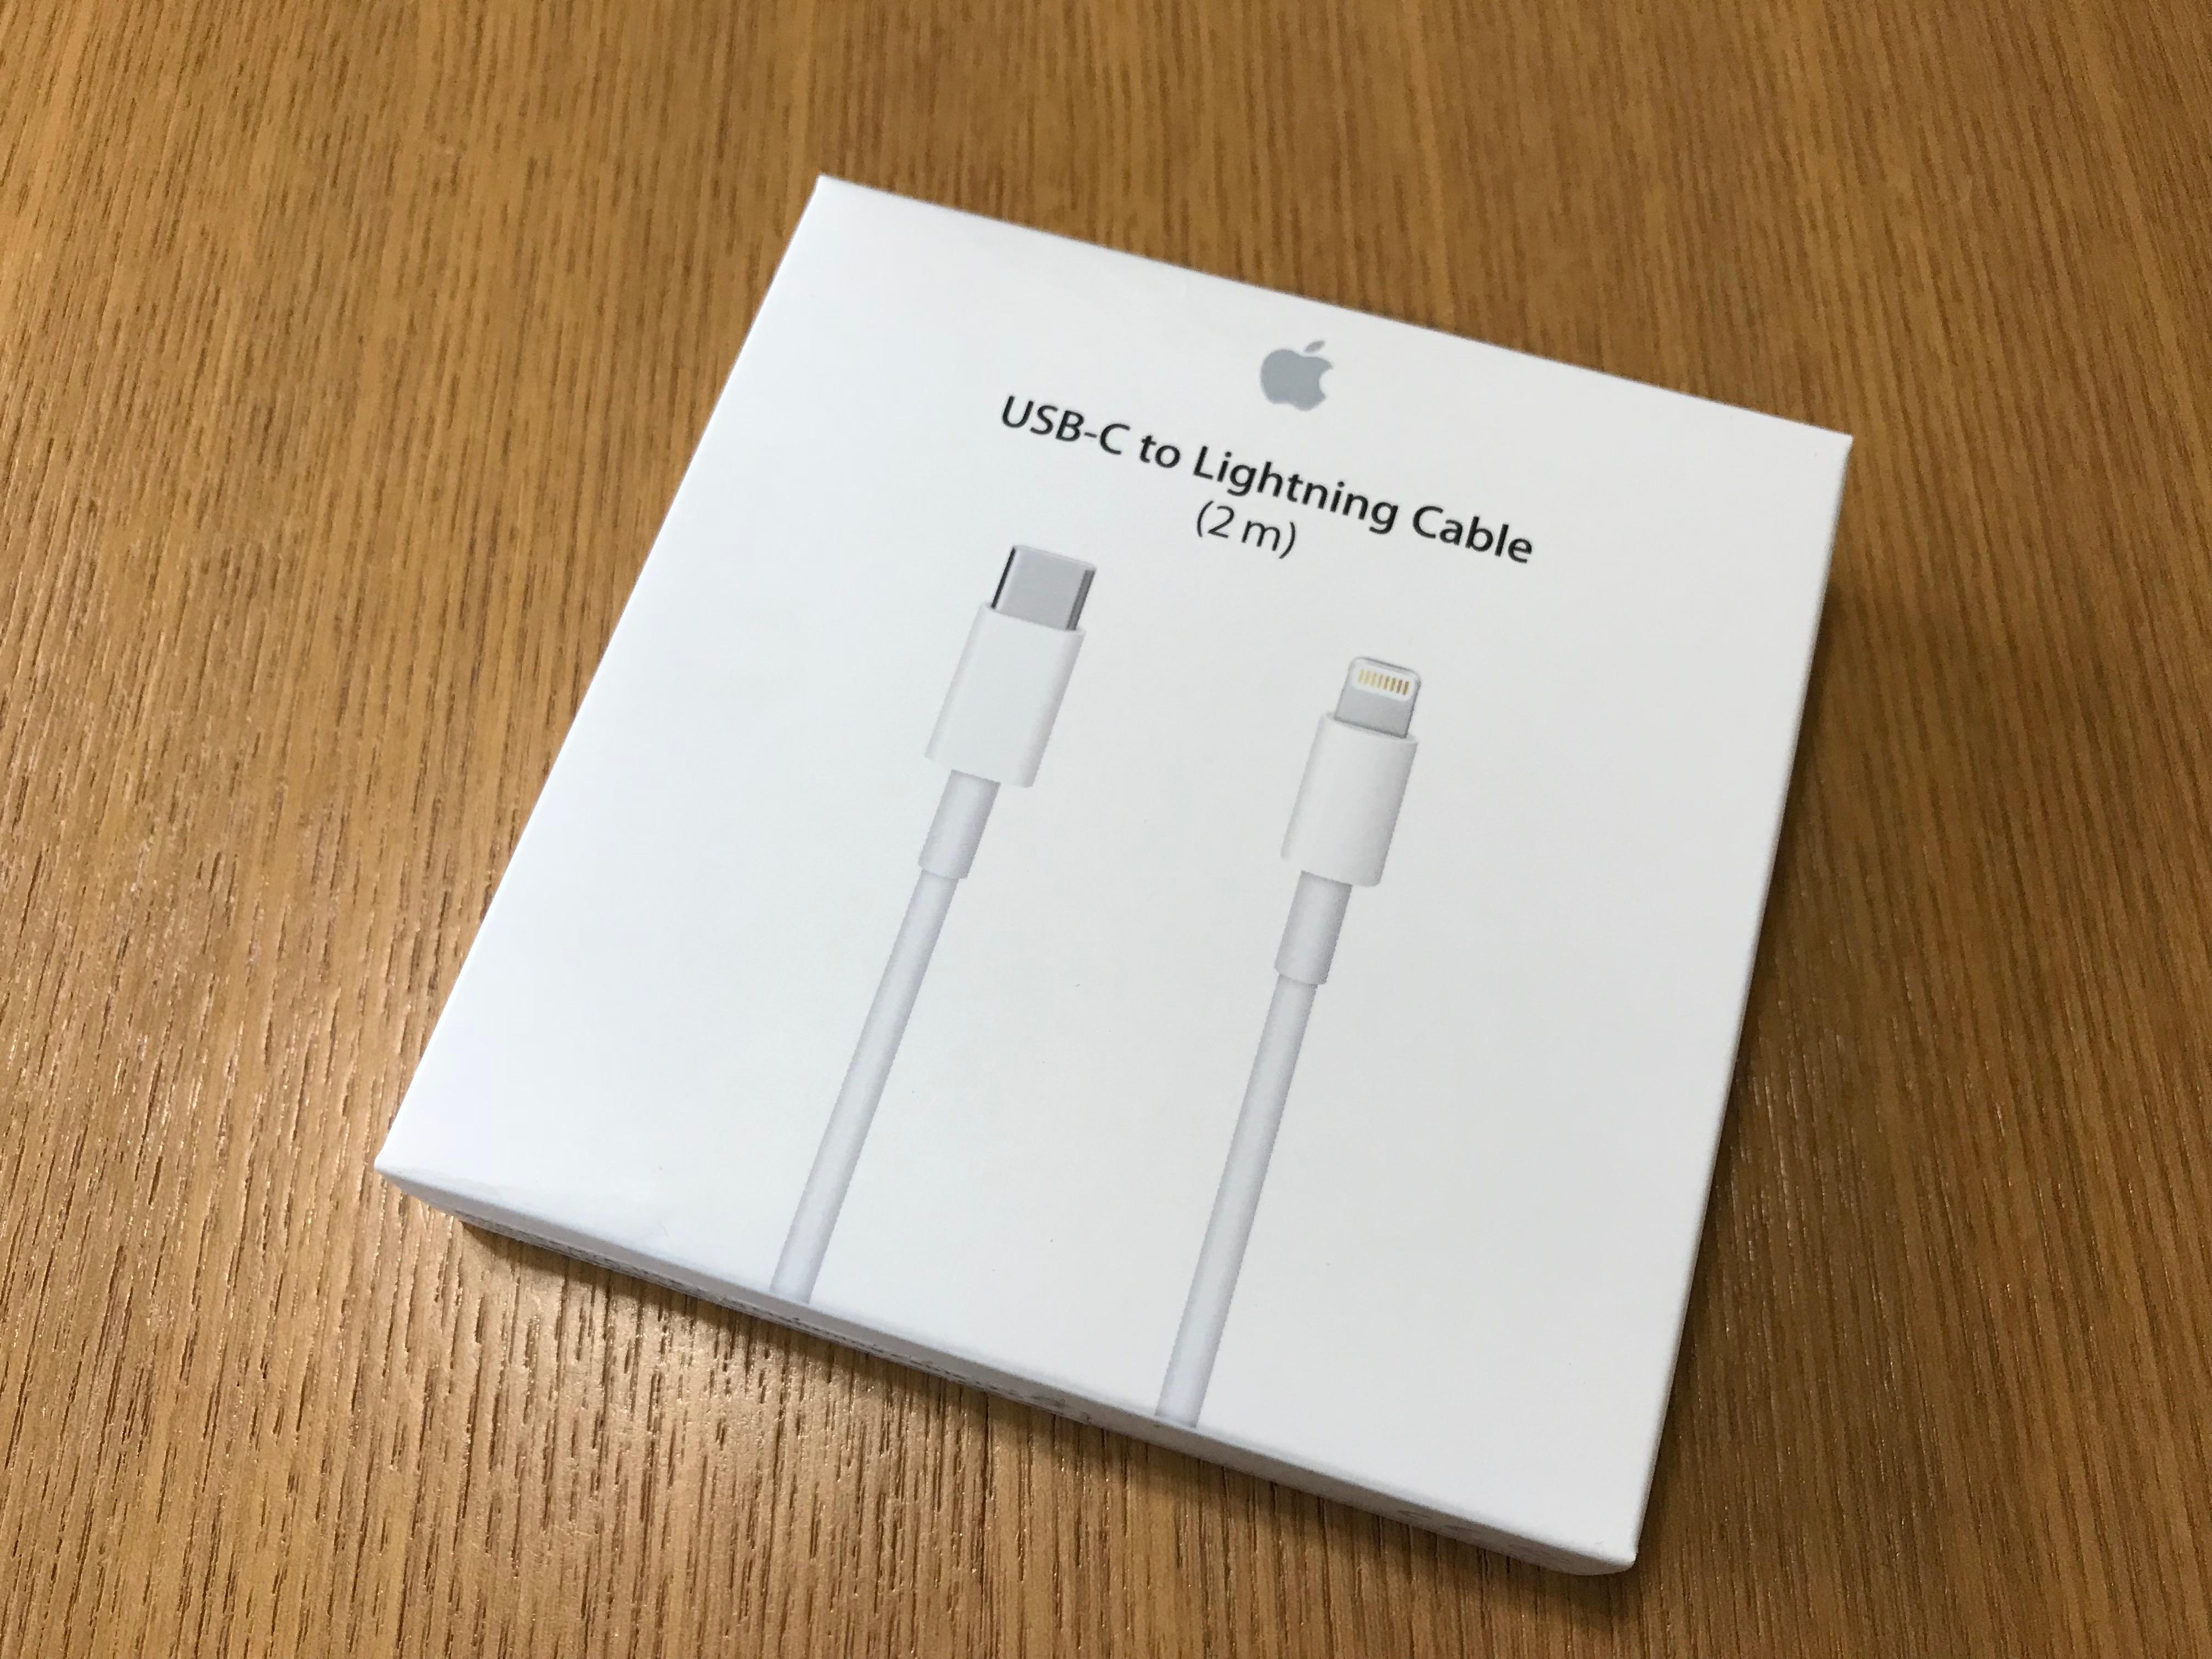 USB-C to Lightningケーブル